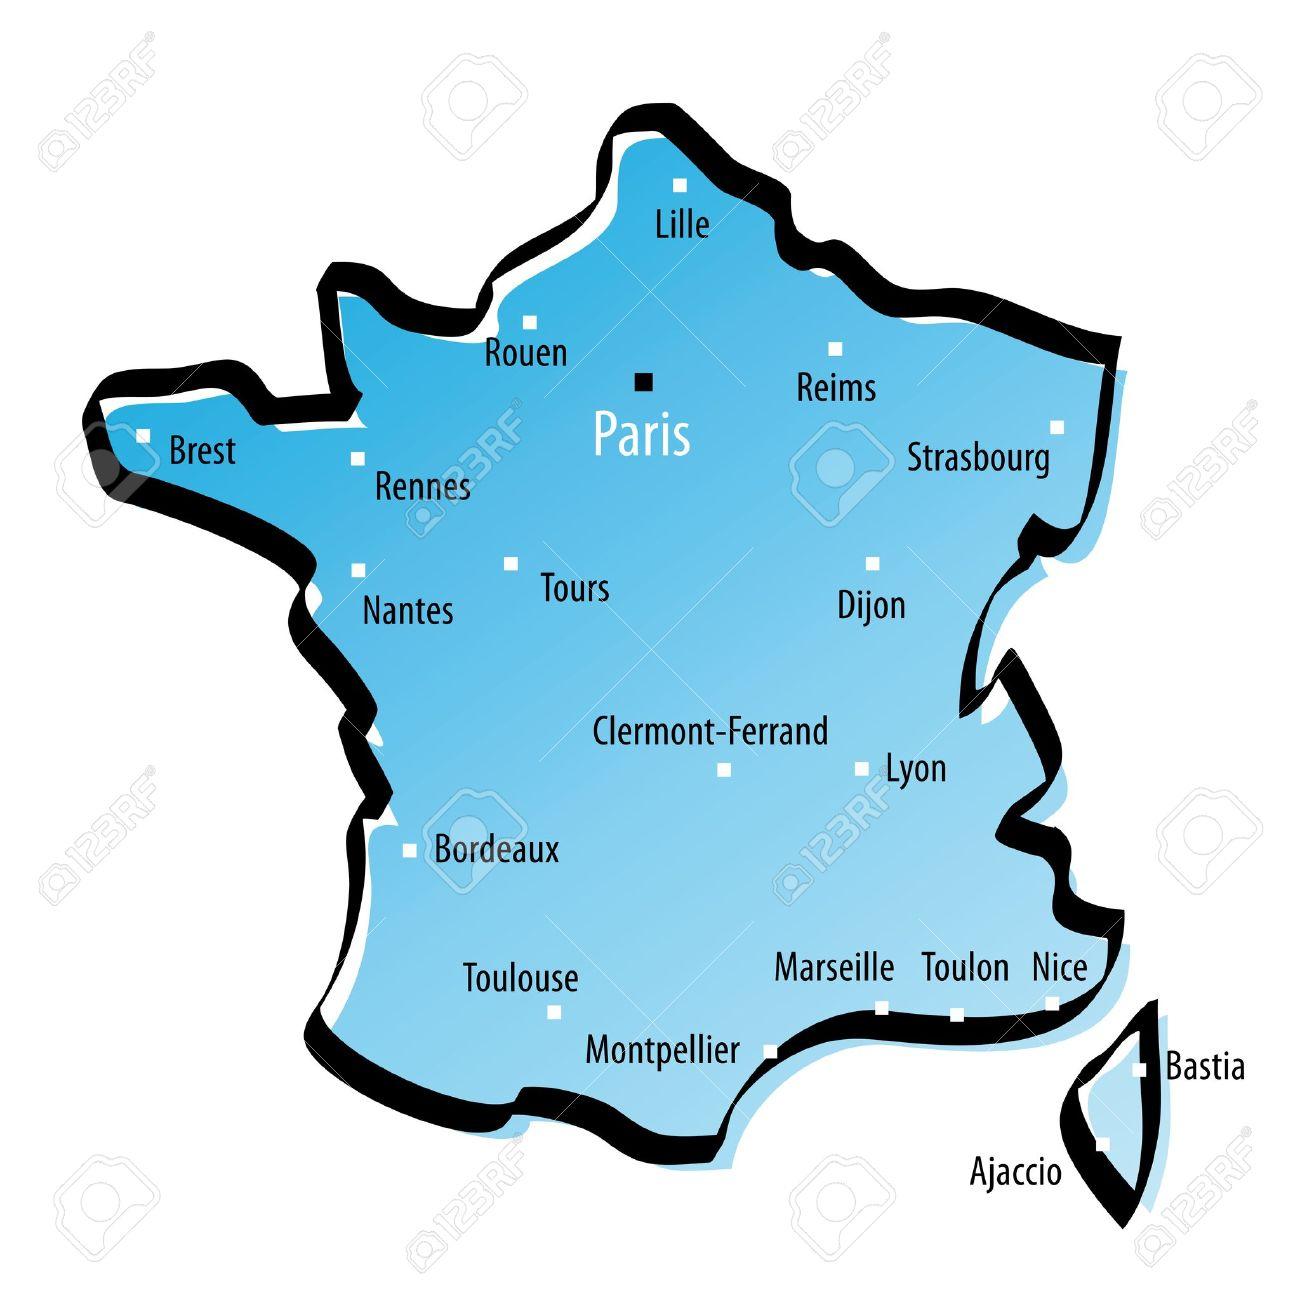 Carte Stylisée De La France Avec Les Grandes Villes destiné Carte De France Avec Grandes Villes